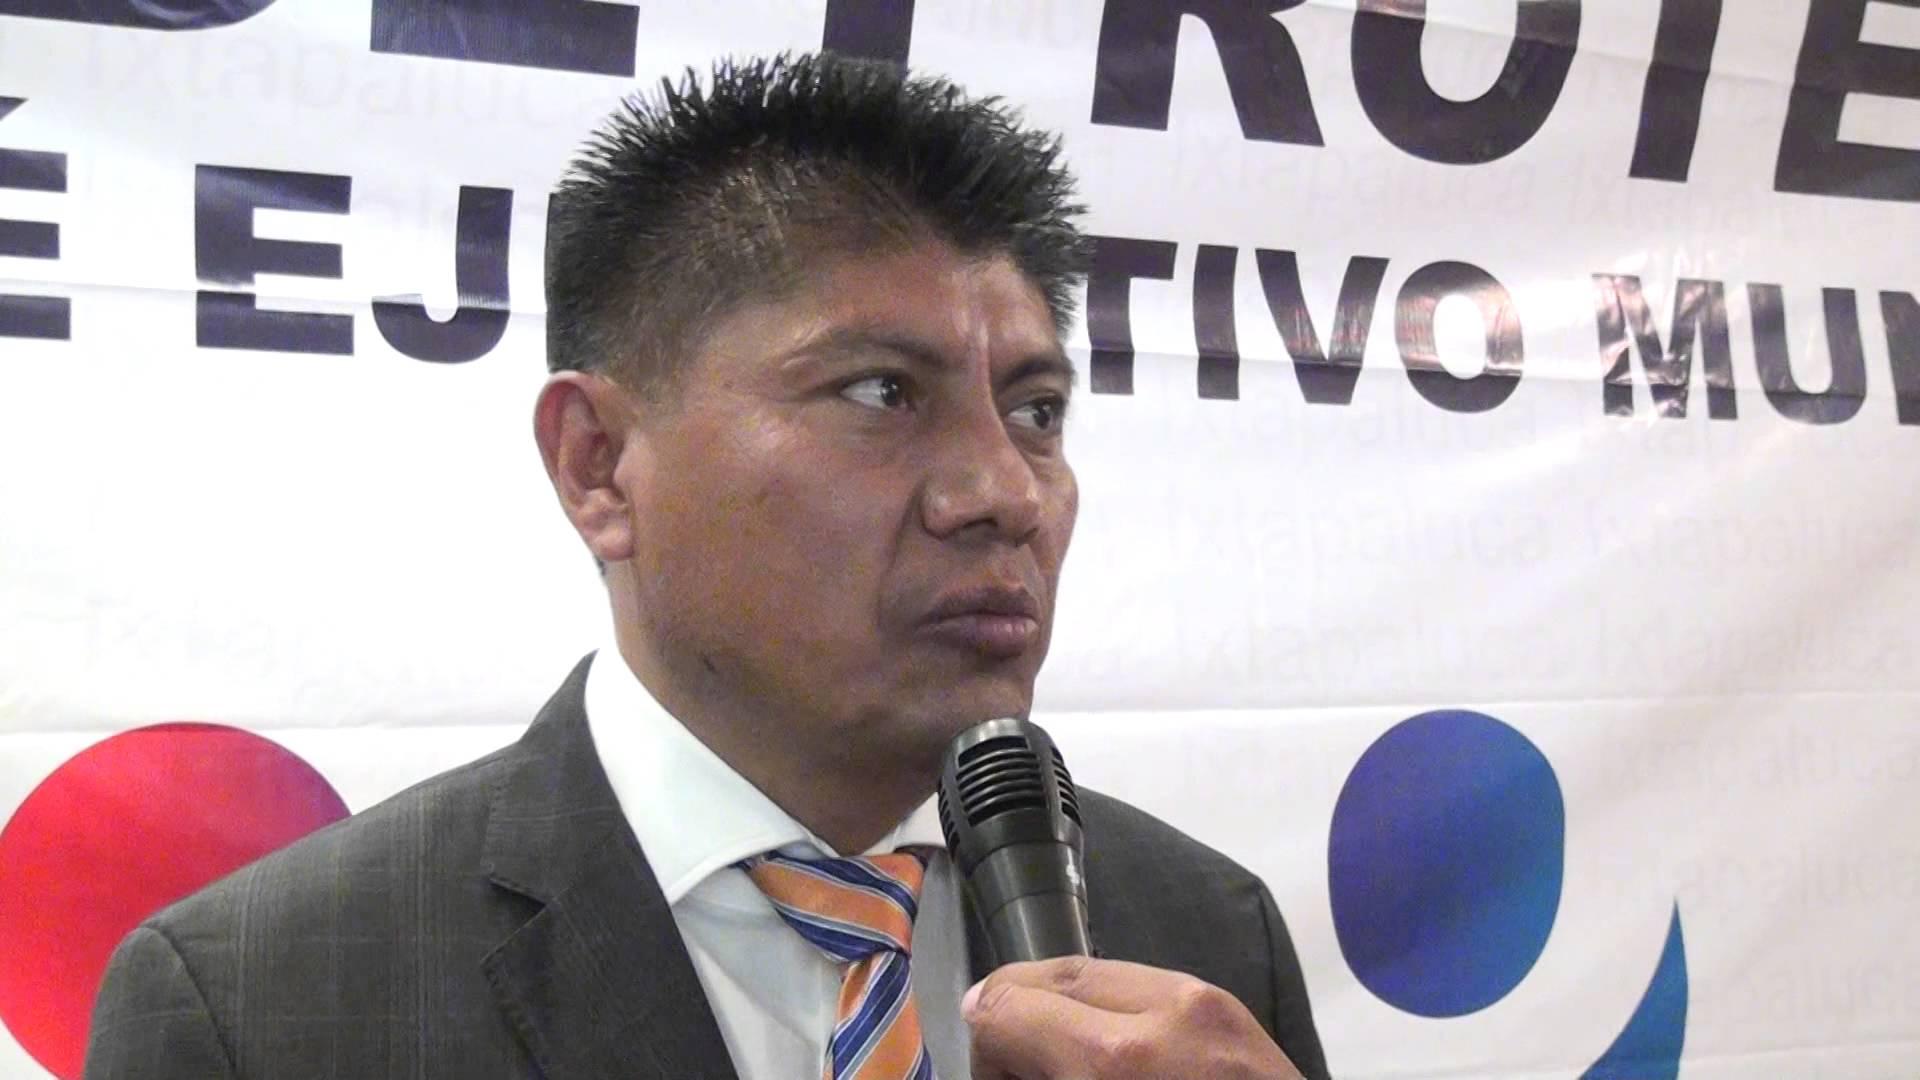 Reportan ataque armado contra dirigente de Encuentro Social en Edomex